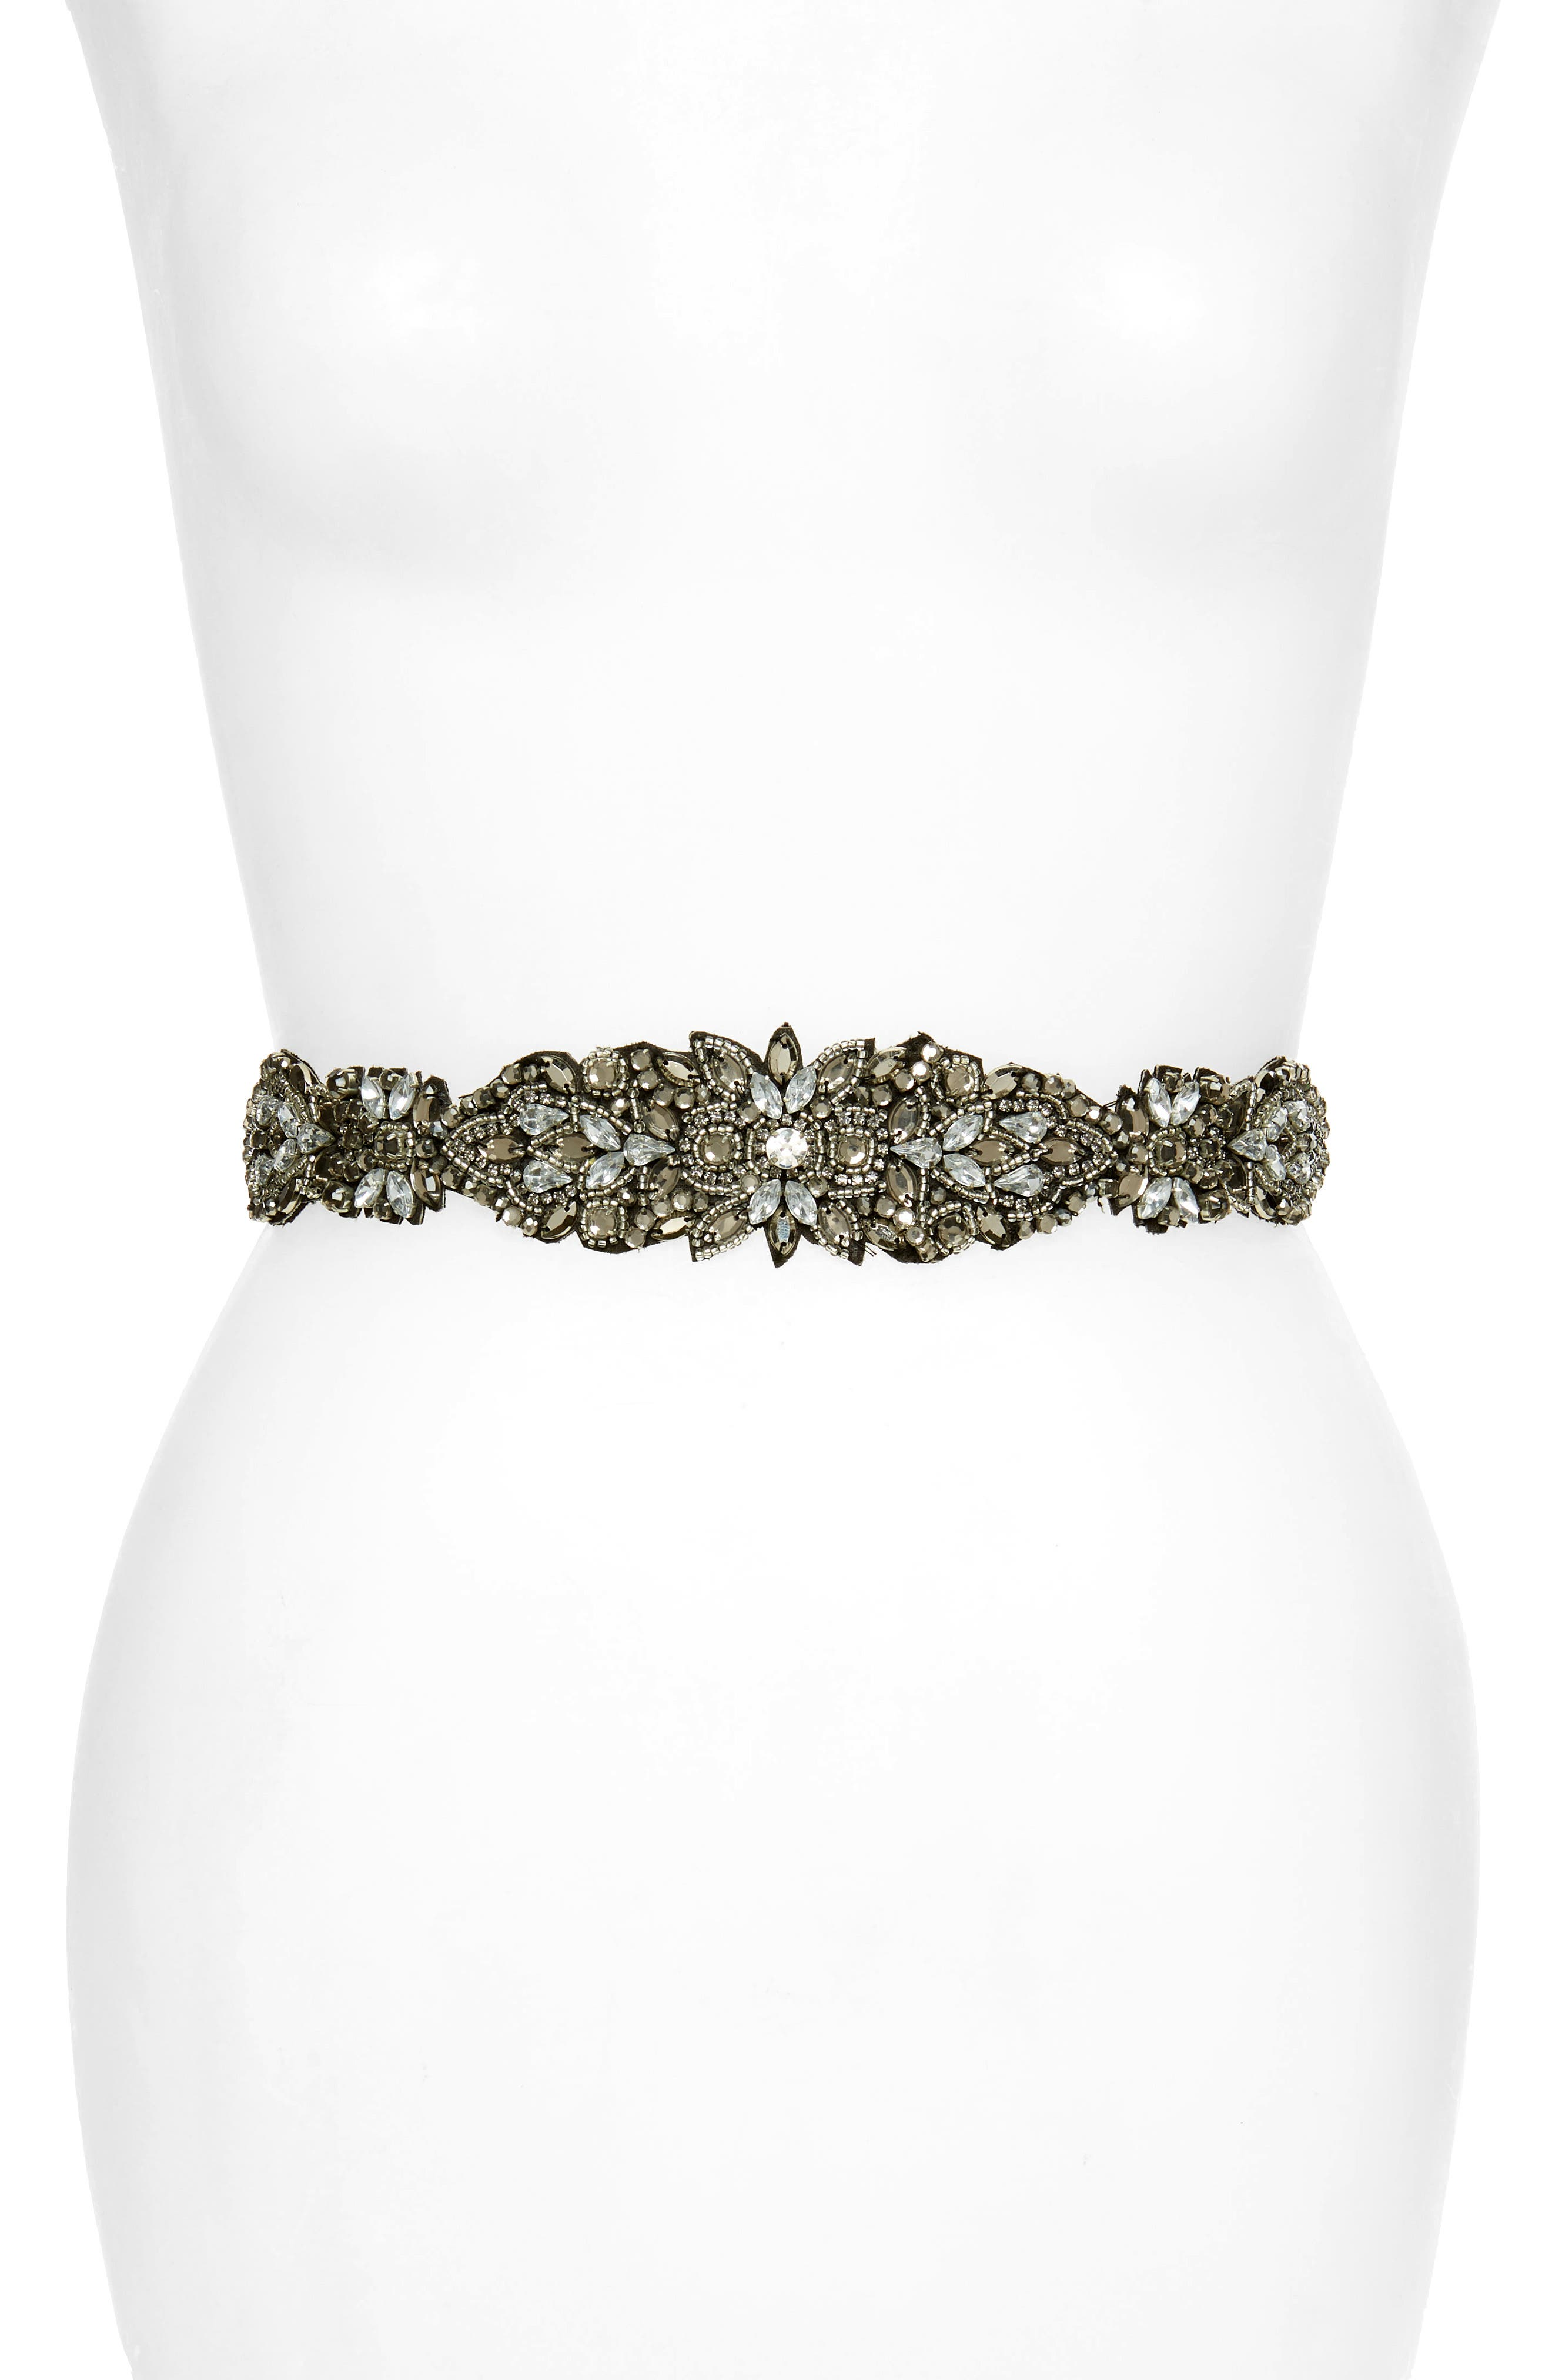 Nordstrom Crystal & Bead Embellished Stretch Belt, Silver